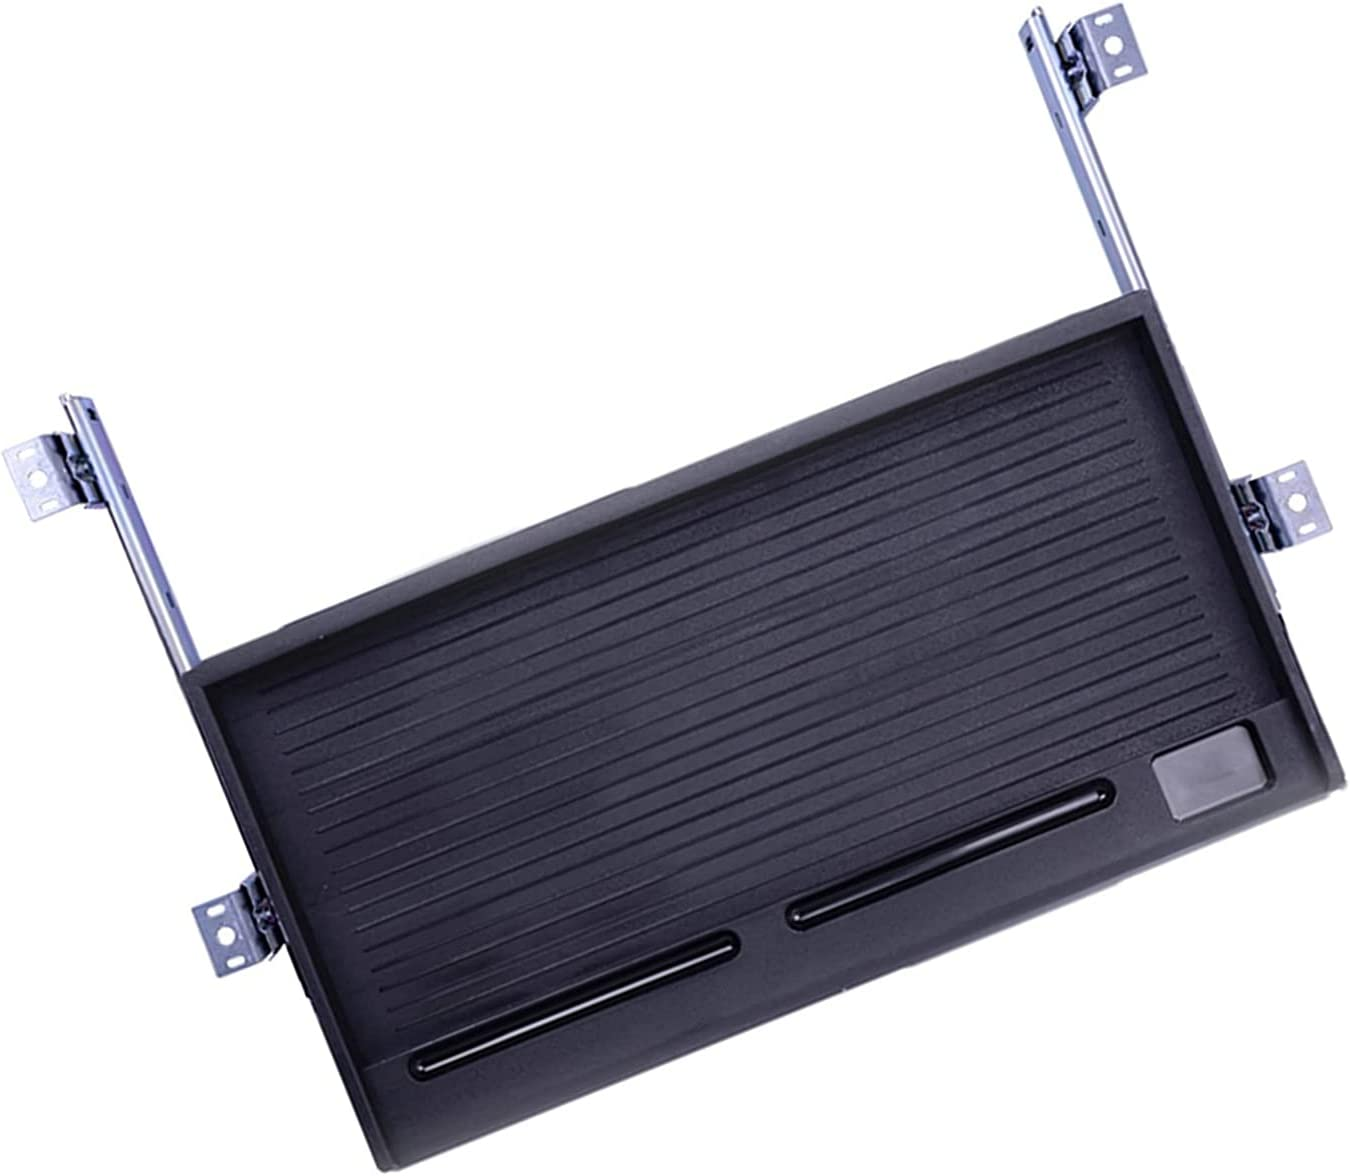 JTGPFC Standard Under store Many popular brands Desk Tray Black for White Keyboar Allows